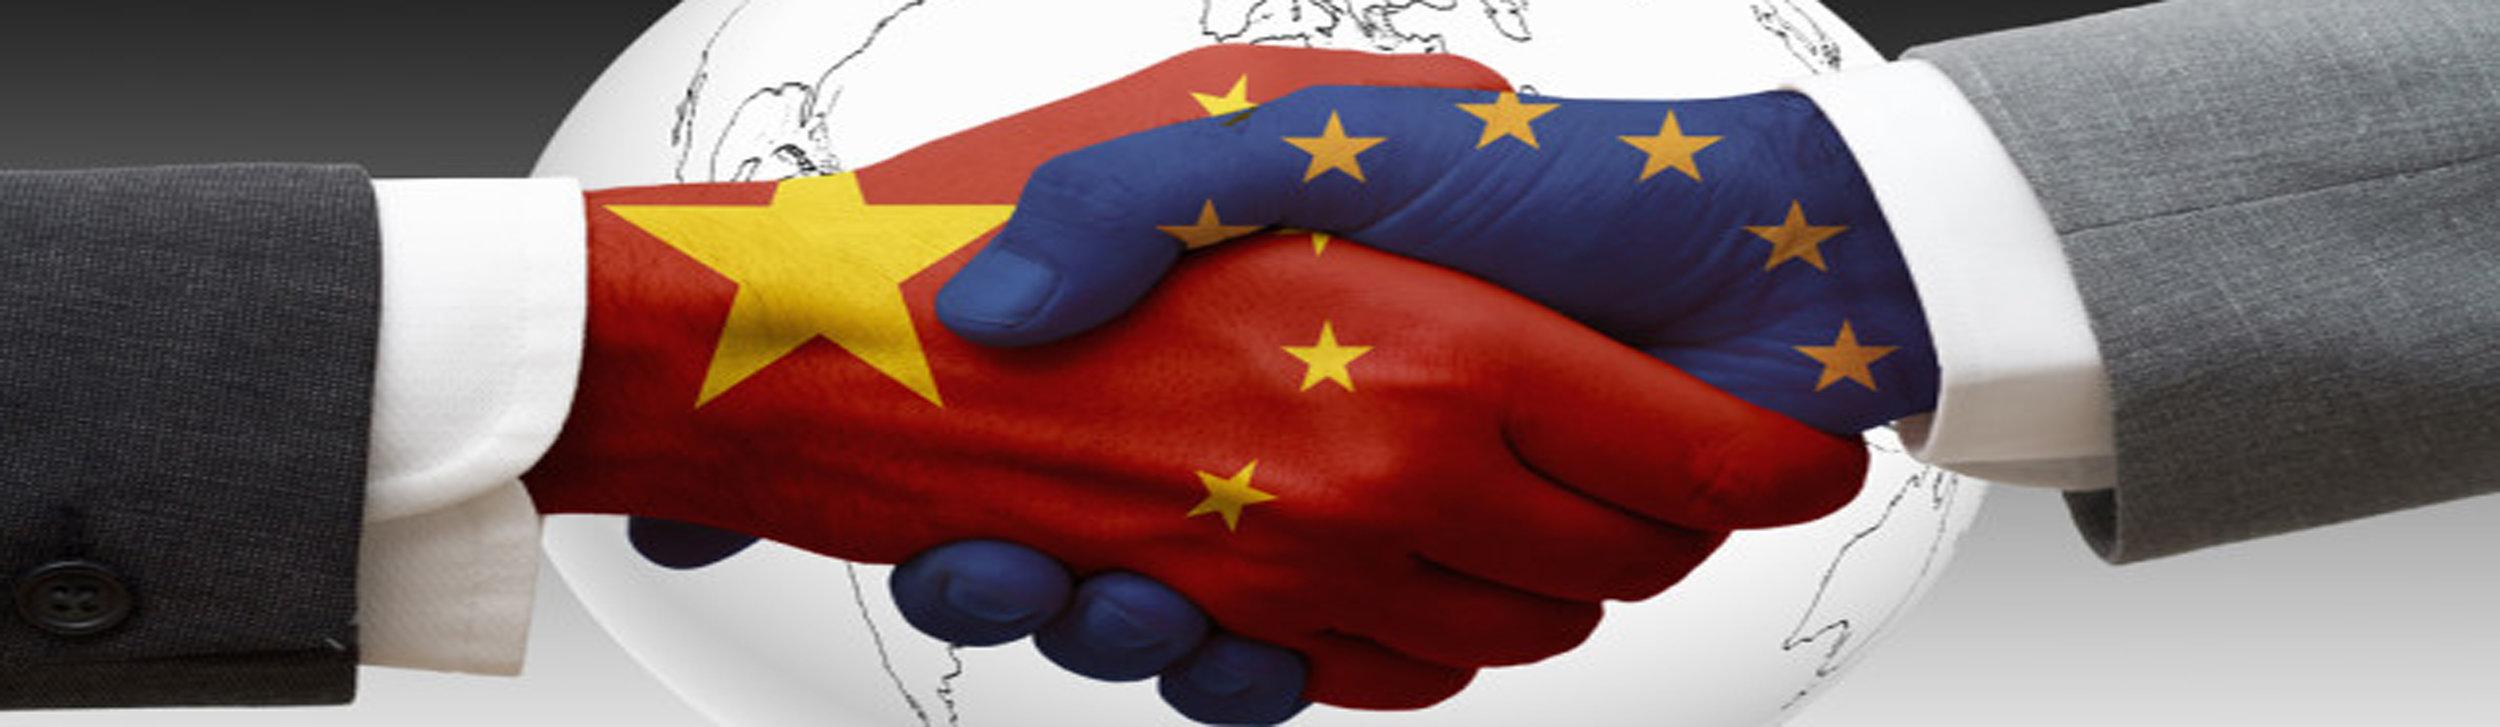 china-eu-handshake-640x320.jpg